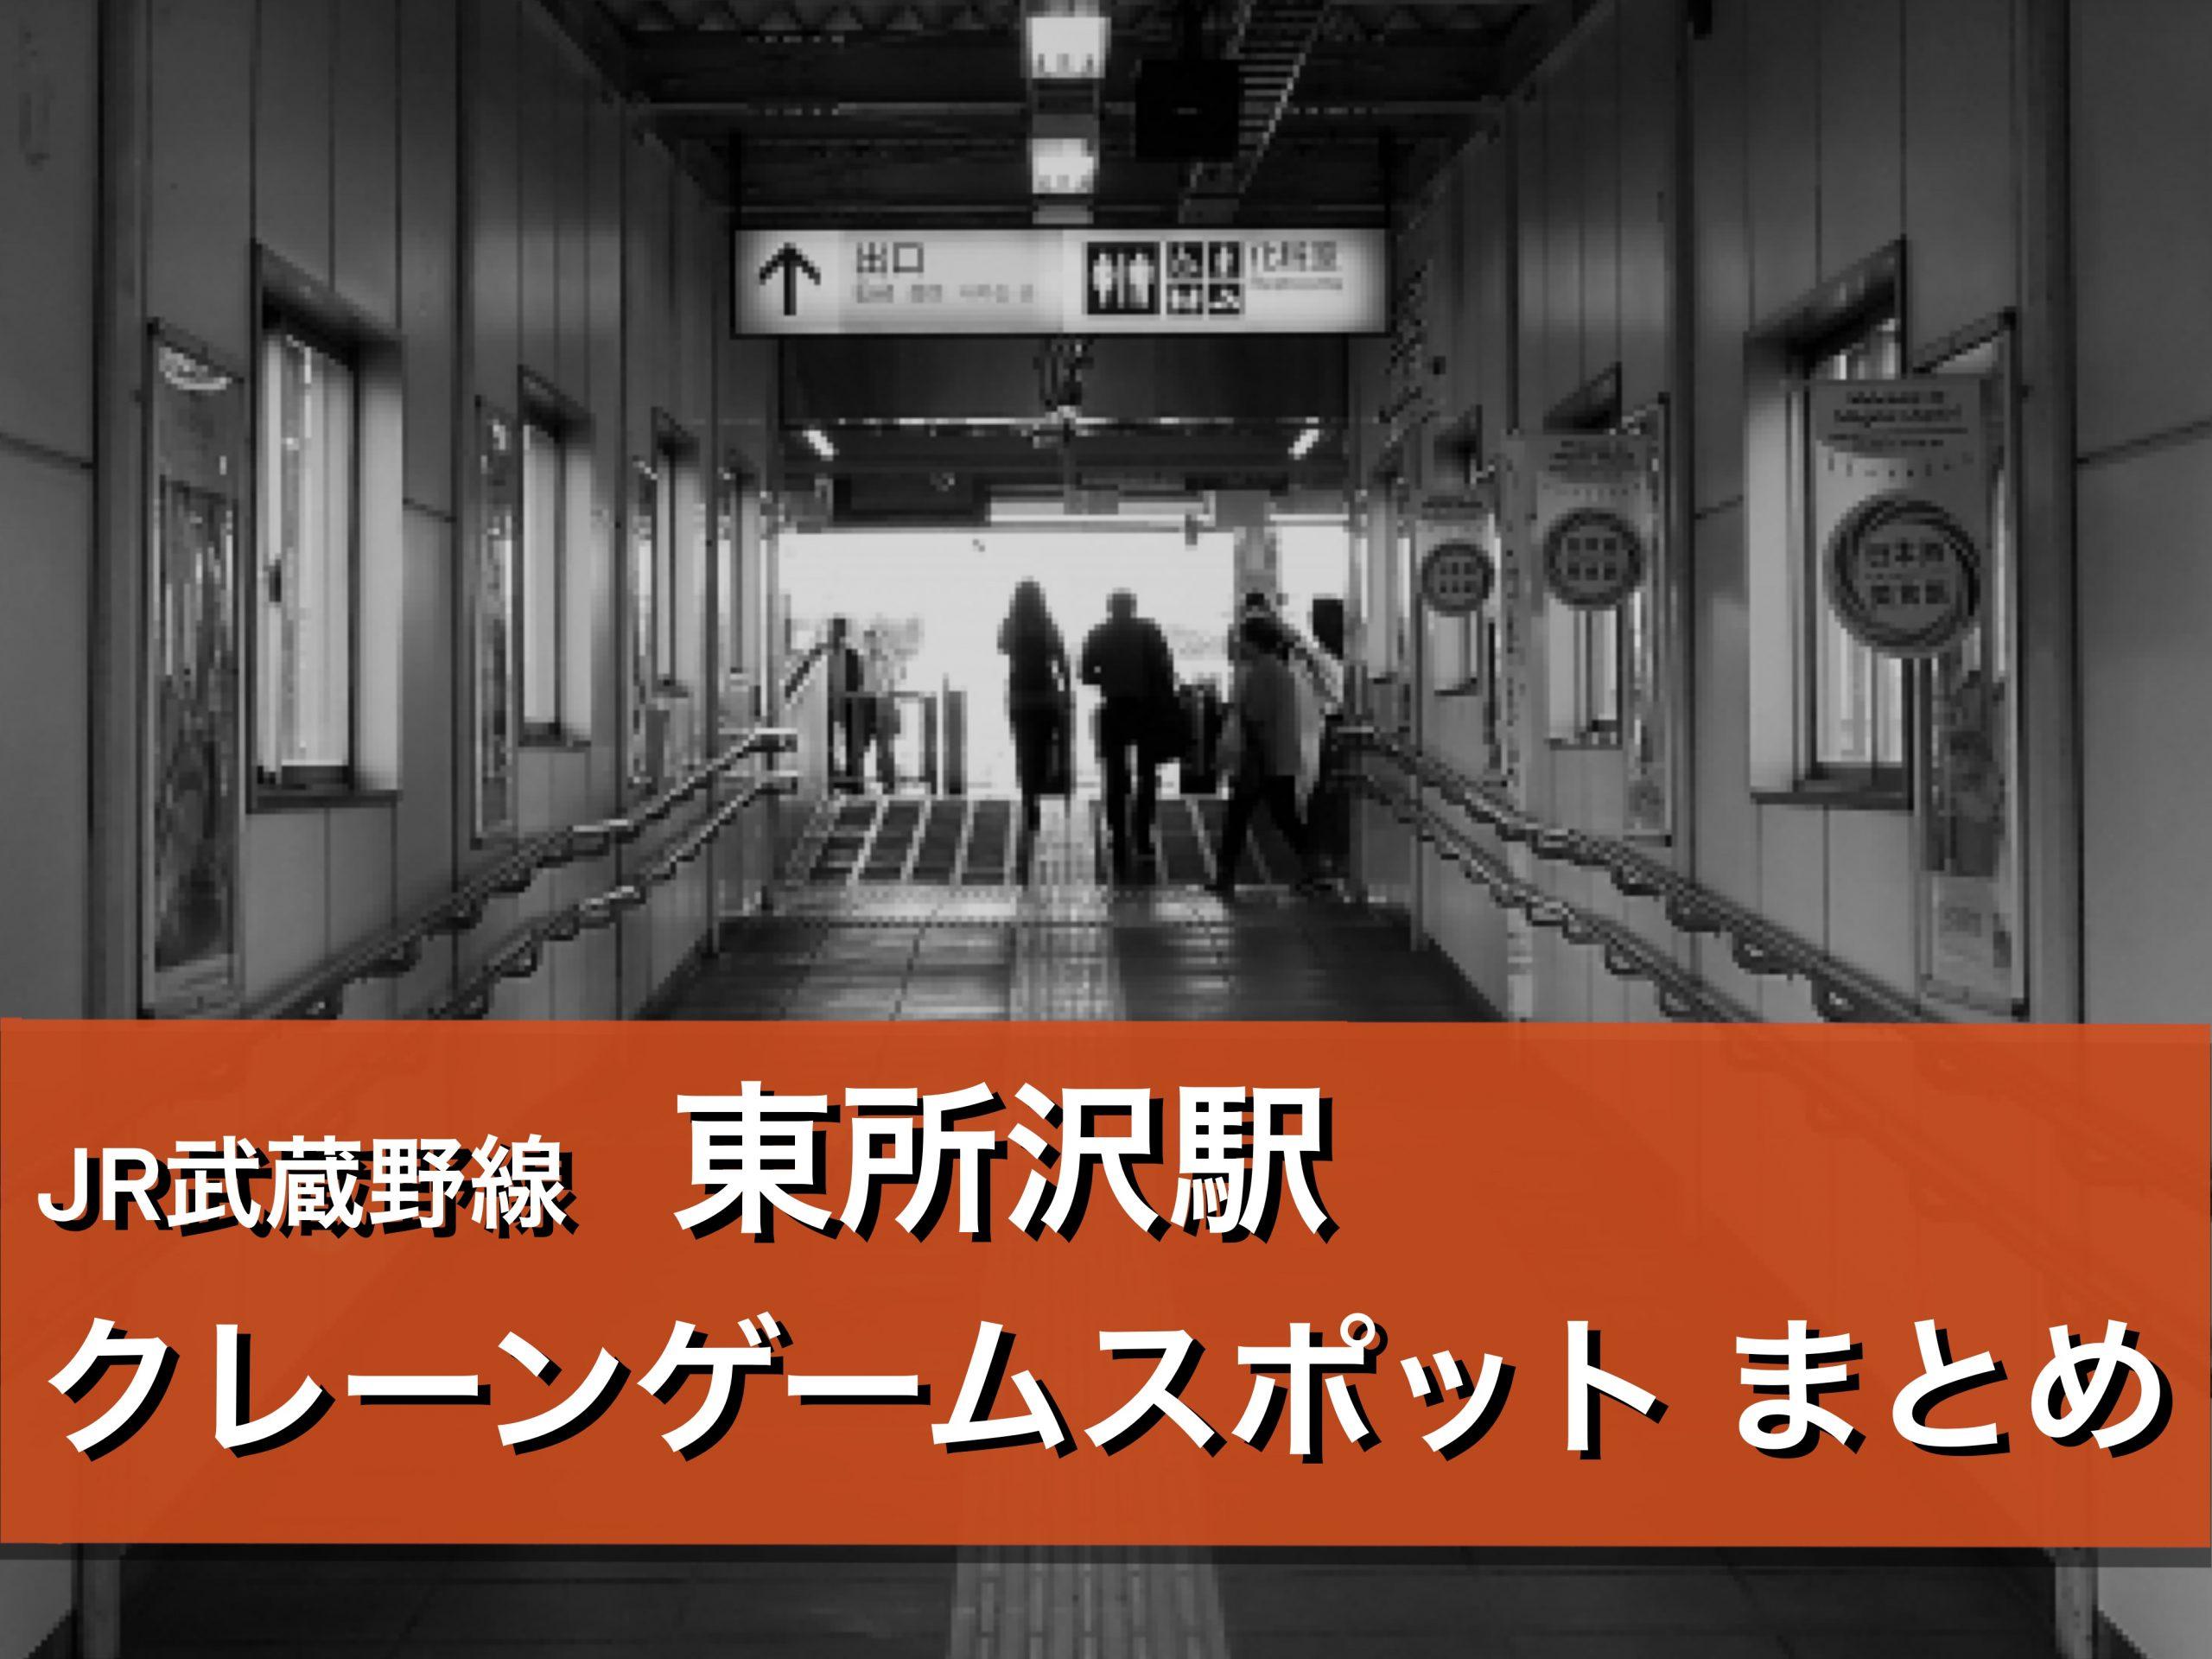 【東所沢駅】クレーンゲームができる場所